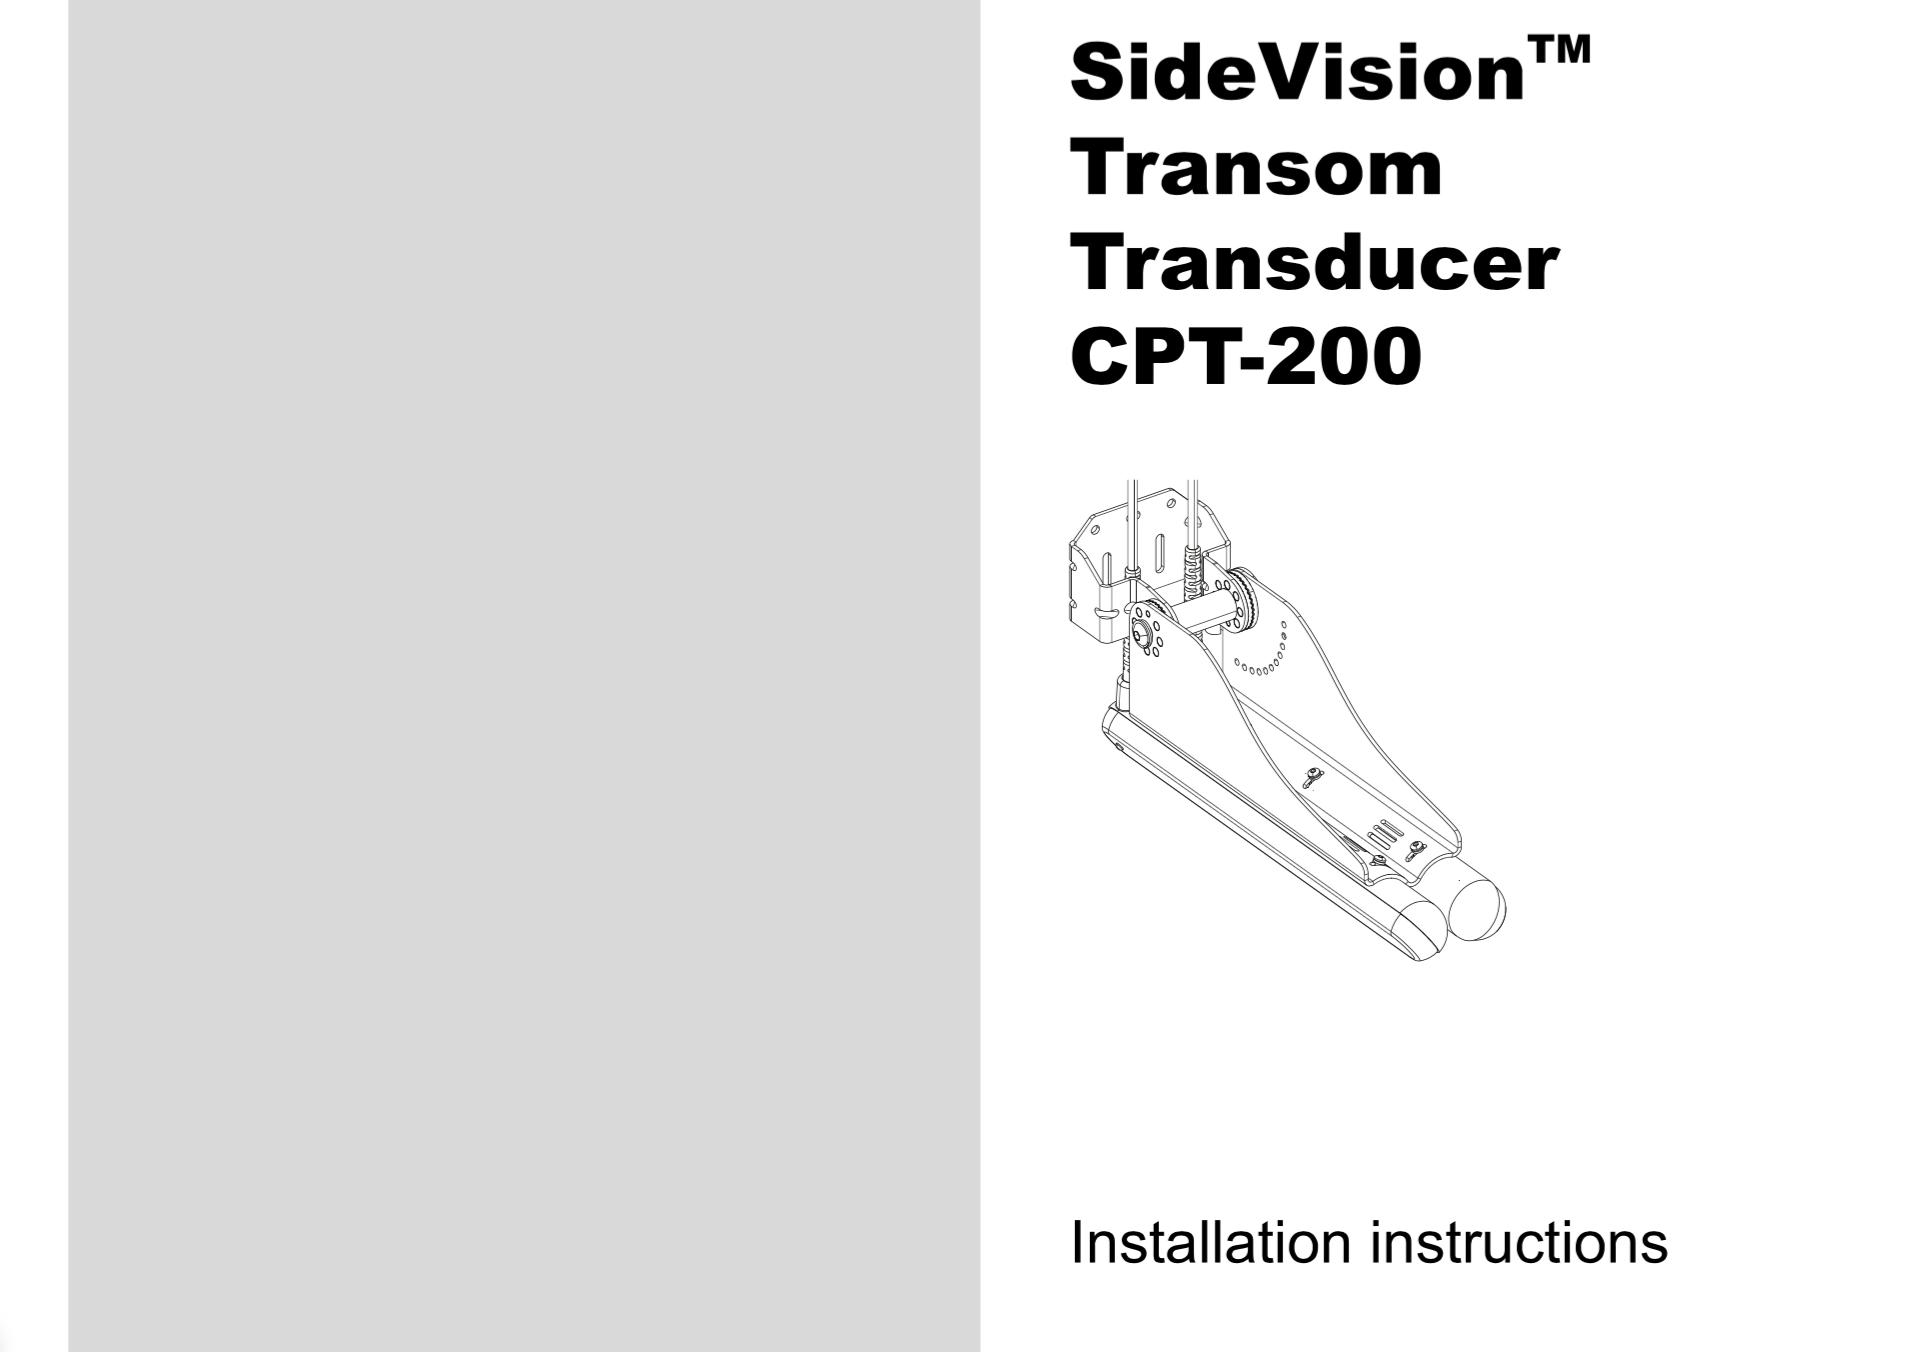 cpt200 transom transducer installation instructions